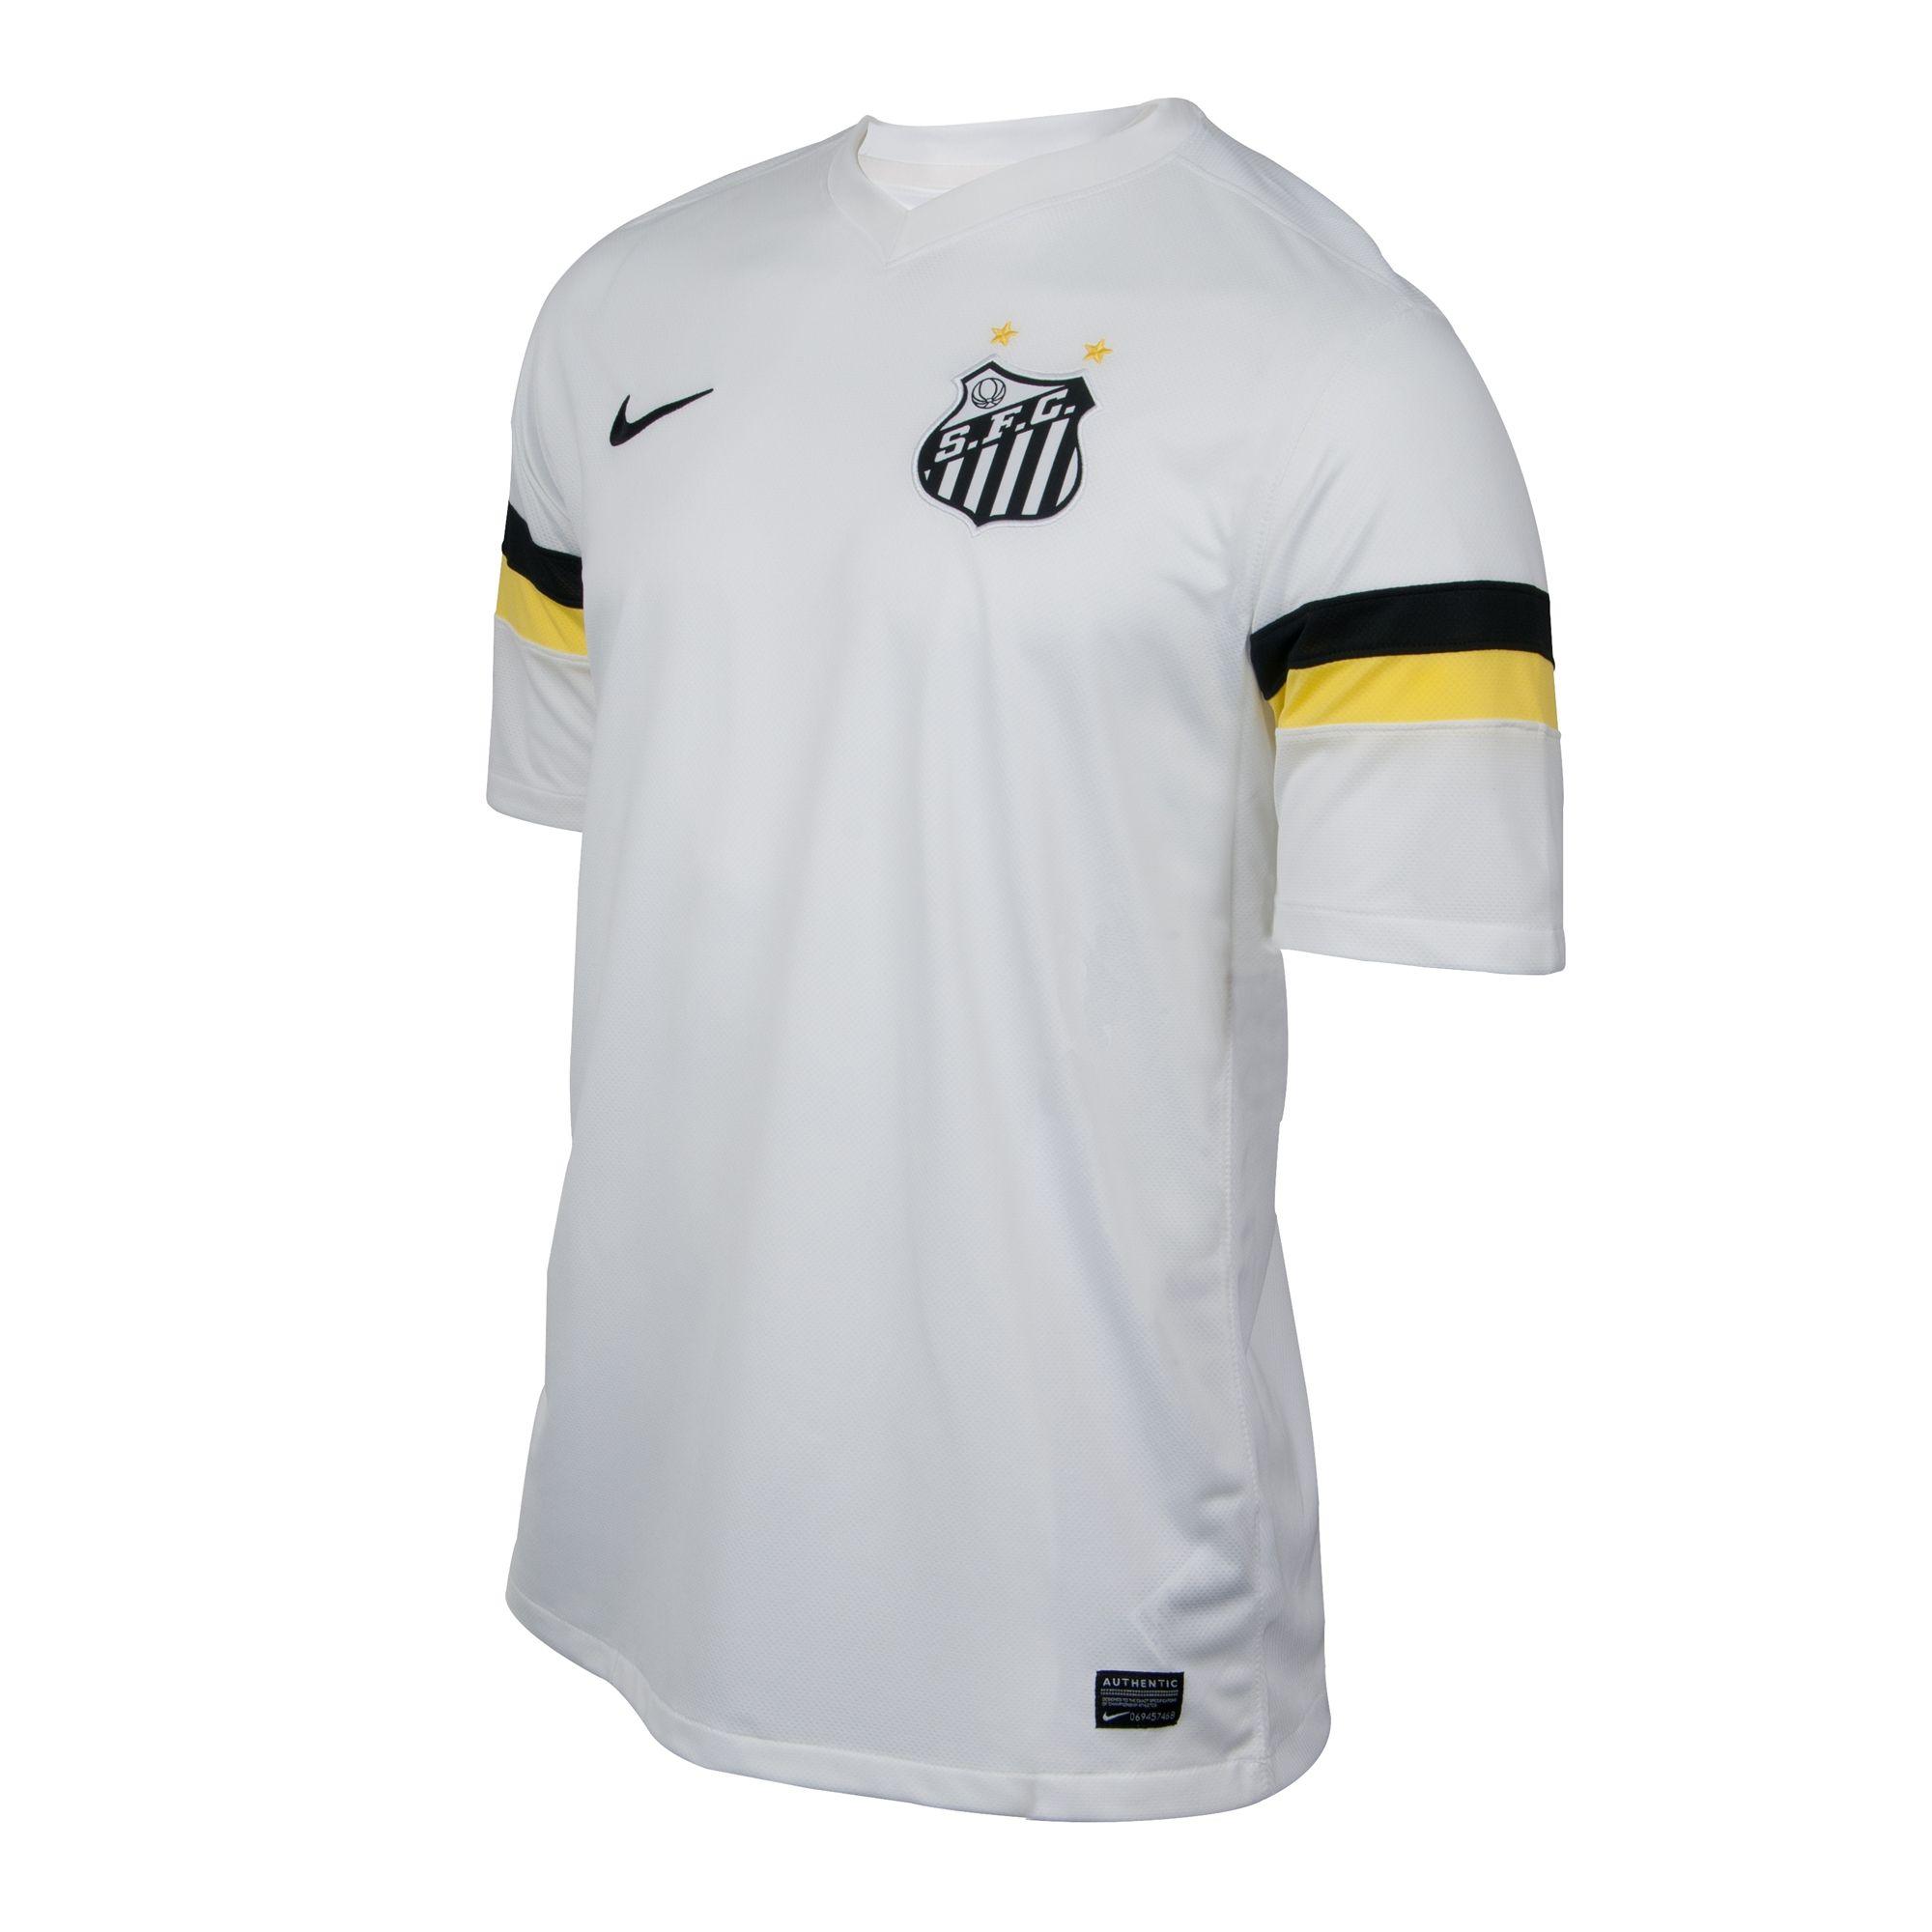 Camisa Masculina Santos I Home - Nike no Nike.com.br 27bdef27d2ac8